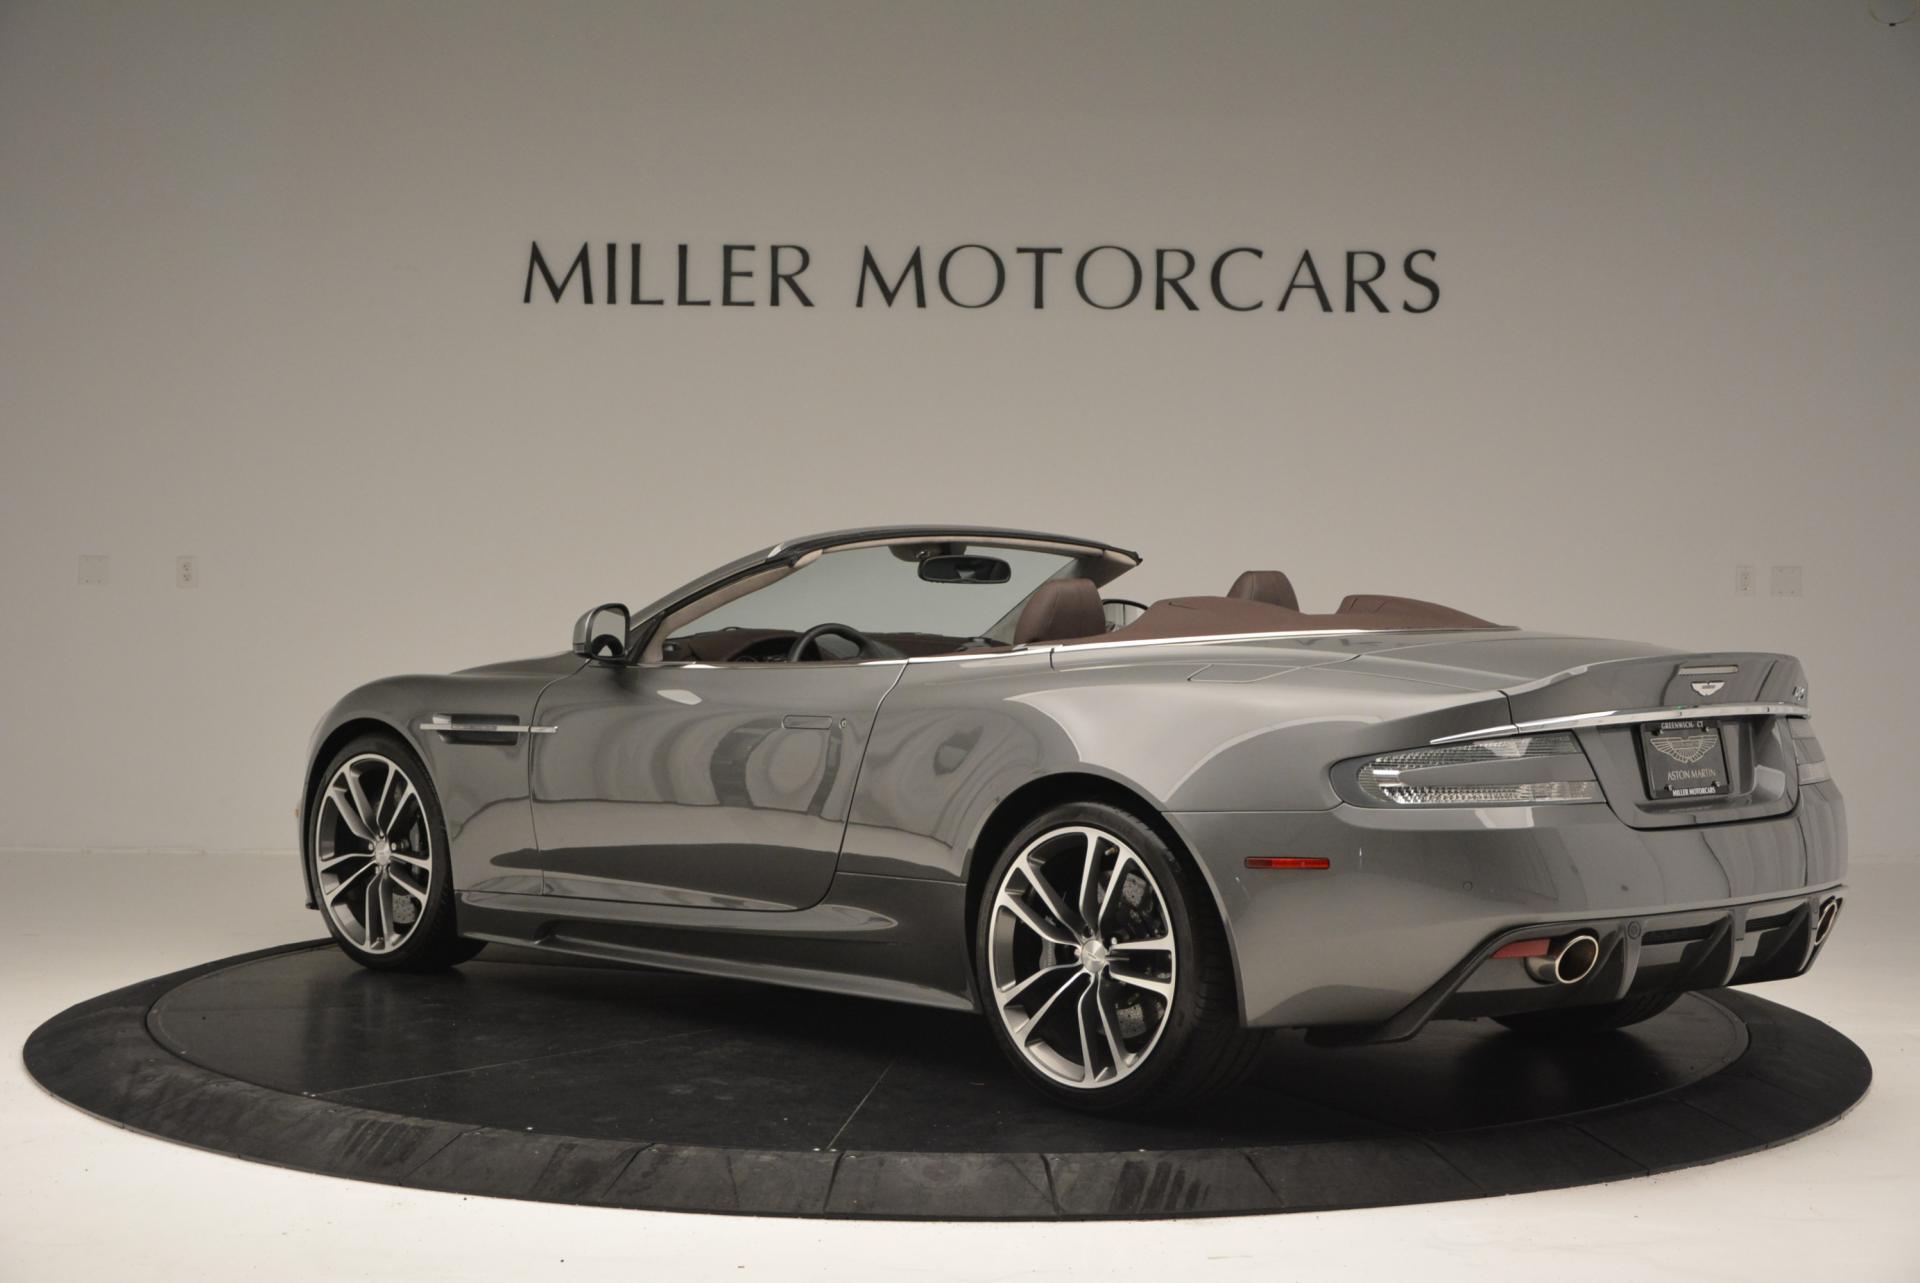 Used 2010 Aston Martin DBS Volante For Sale In Greenwich, CT. Alfa Romeo of Greenwich, 7035 87_p4